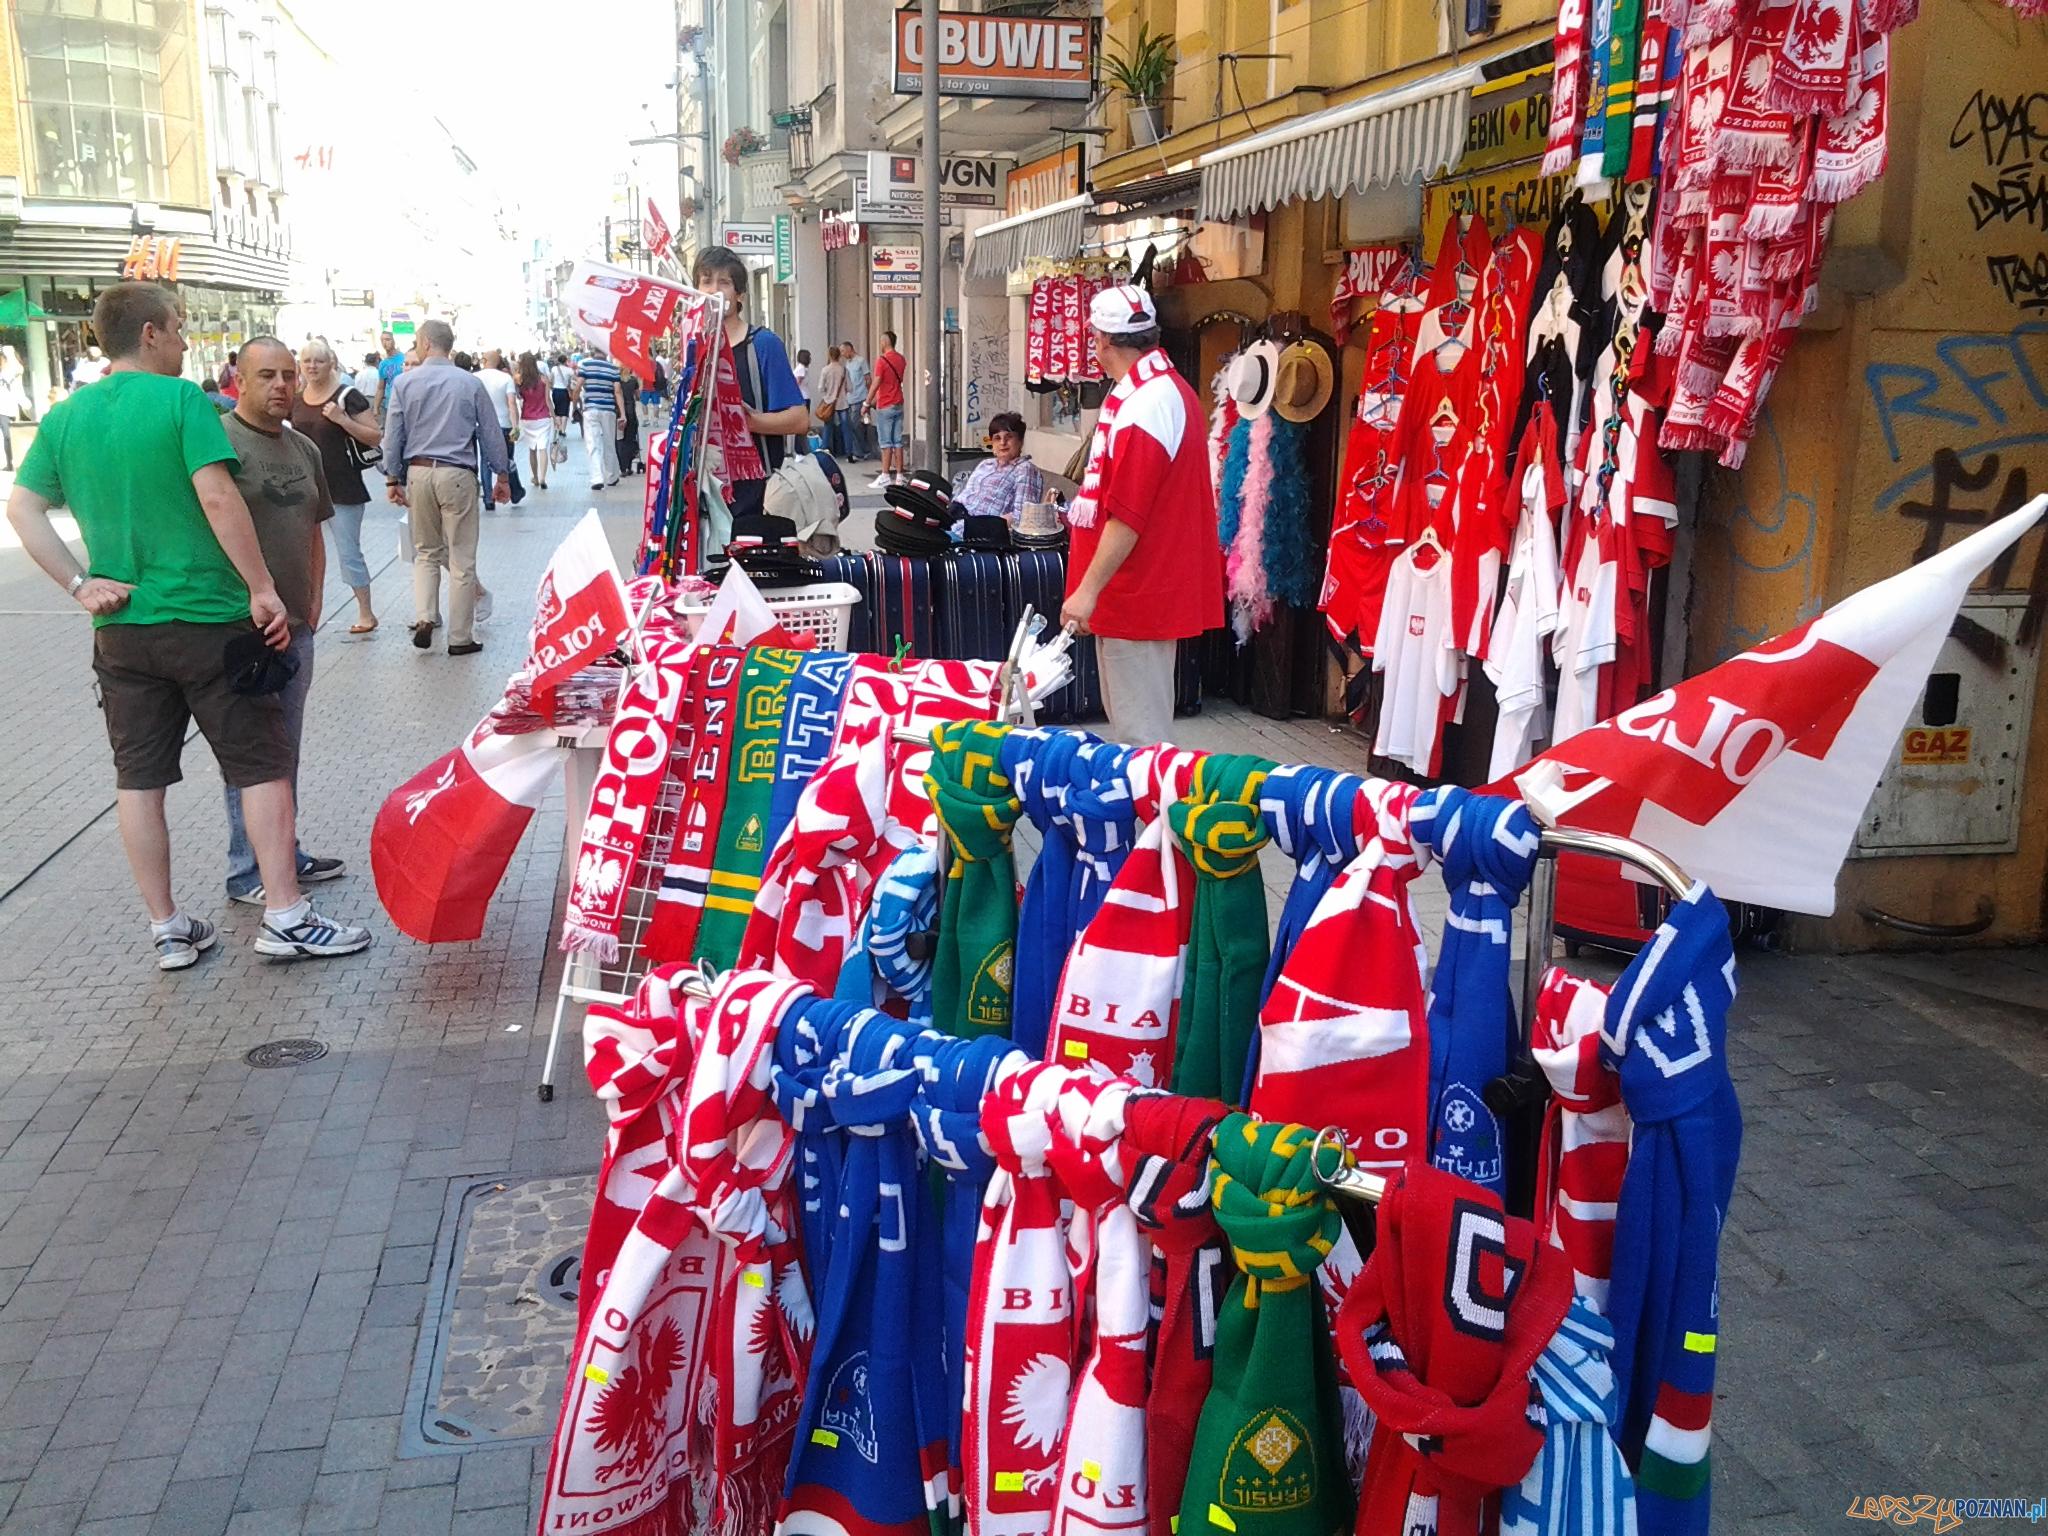 Biało-czerwona Półwiejska  Foto: lepszyPOZNAN.pl / gsm